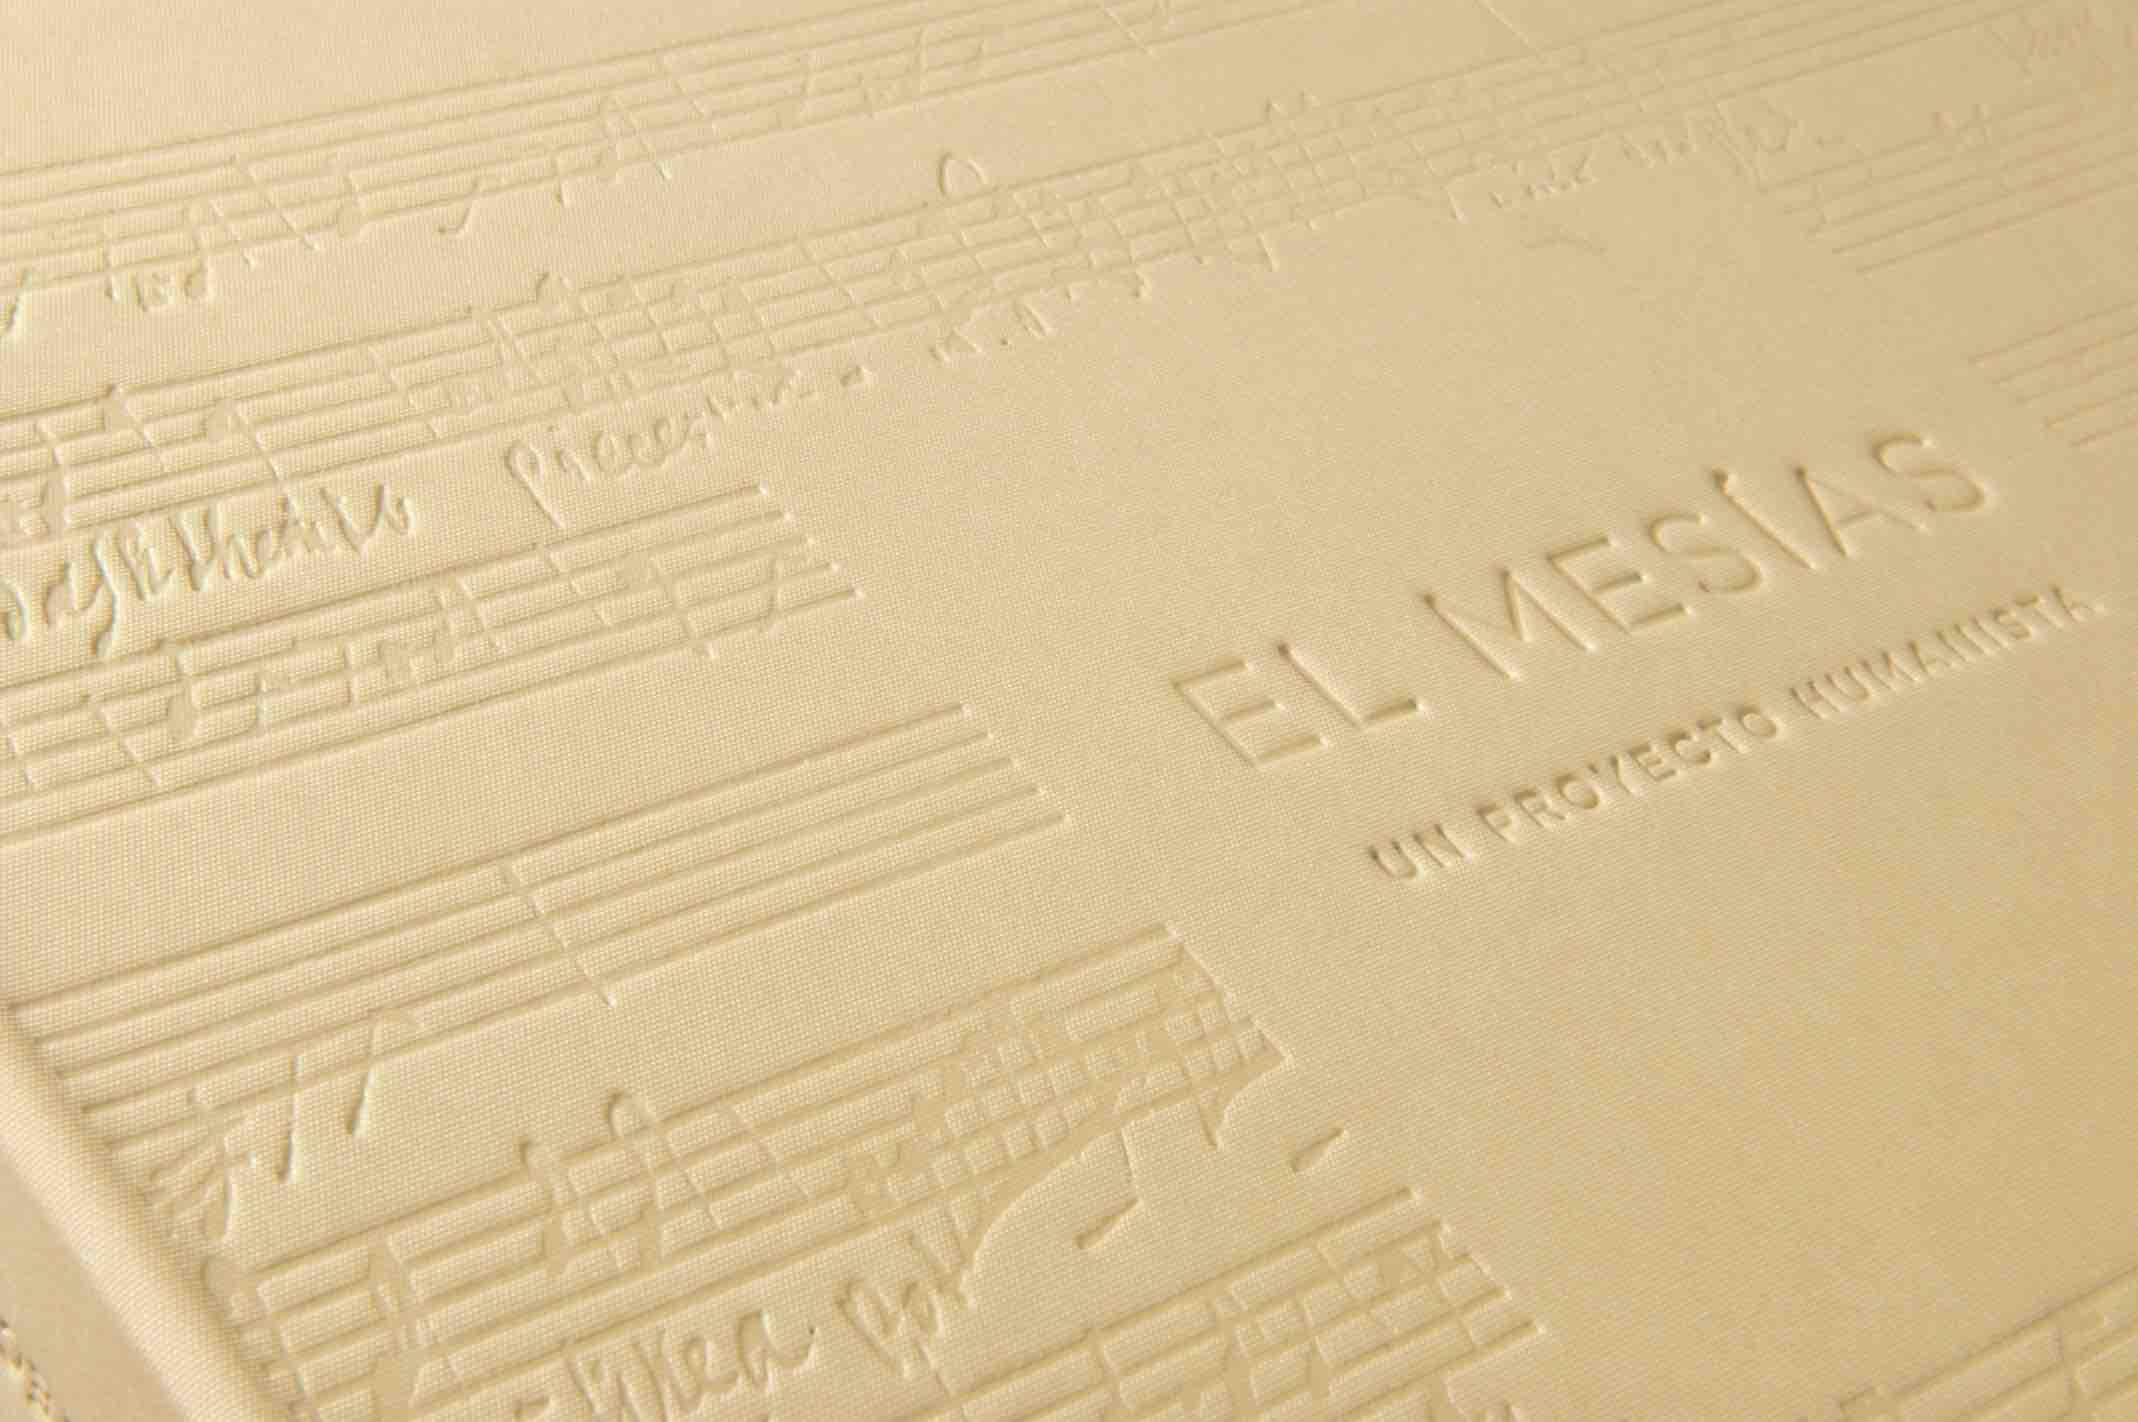 portada de libro con stamping